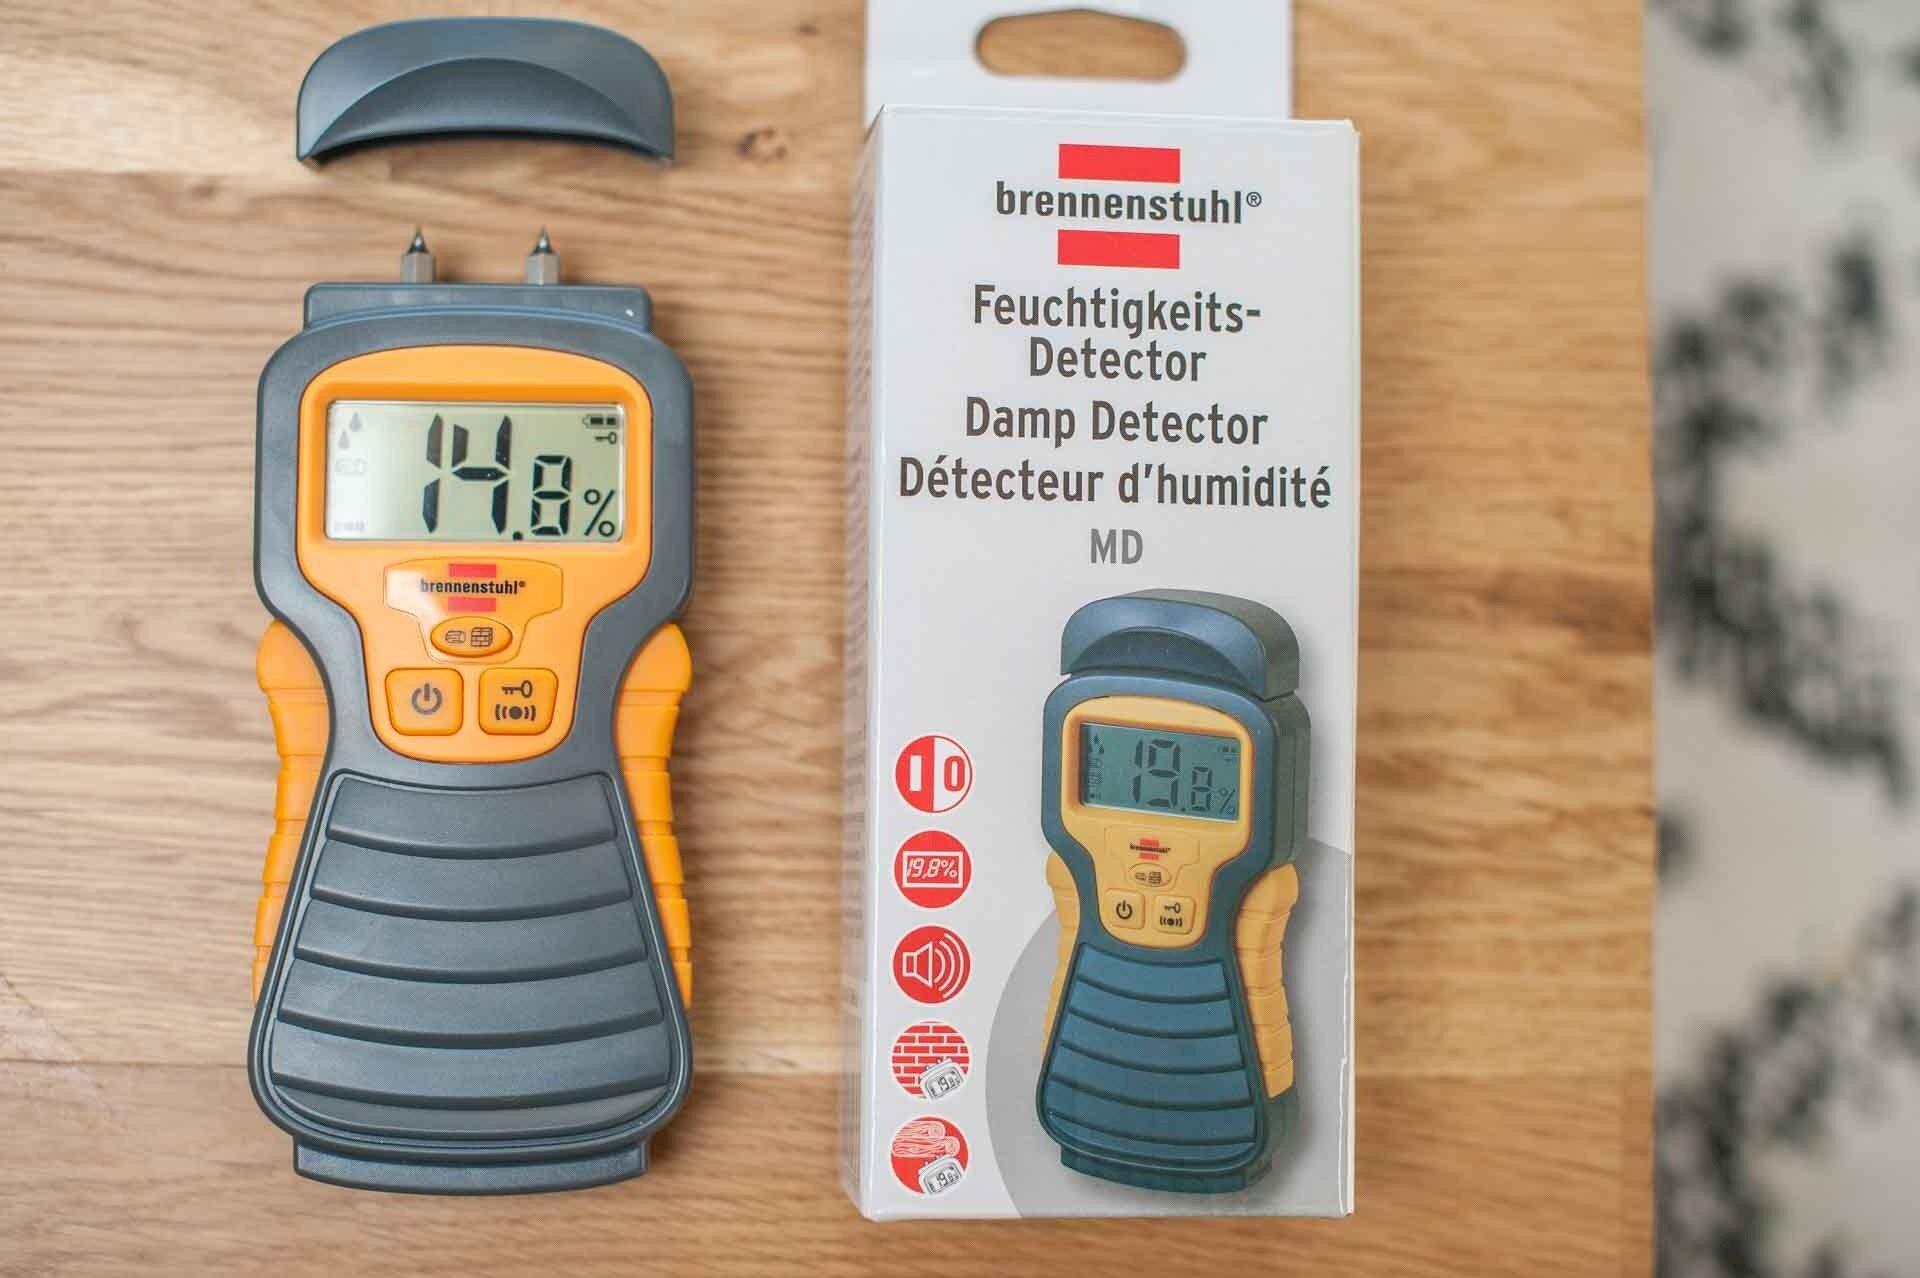 MYSMALLHOUSE.de Brennstuhl Feuchtigkeitsmessgerät für Wohnwagen Dichtigkeitsprüfung Holz Feuchtigkeit Brennstuhl